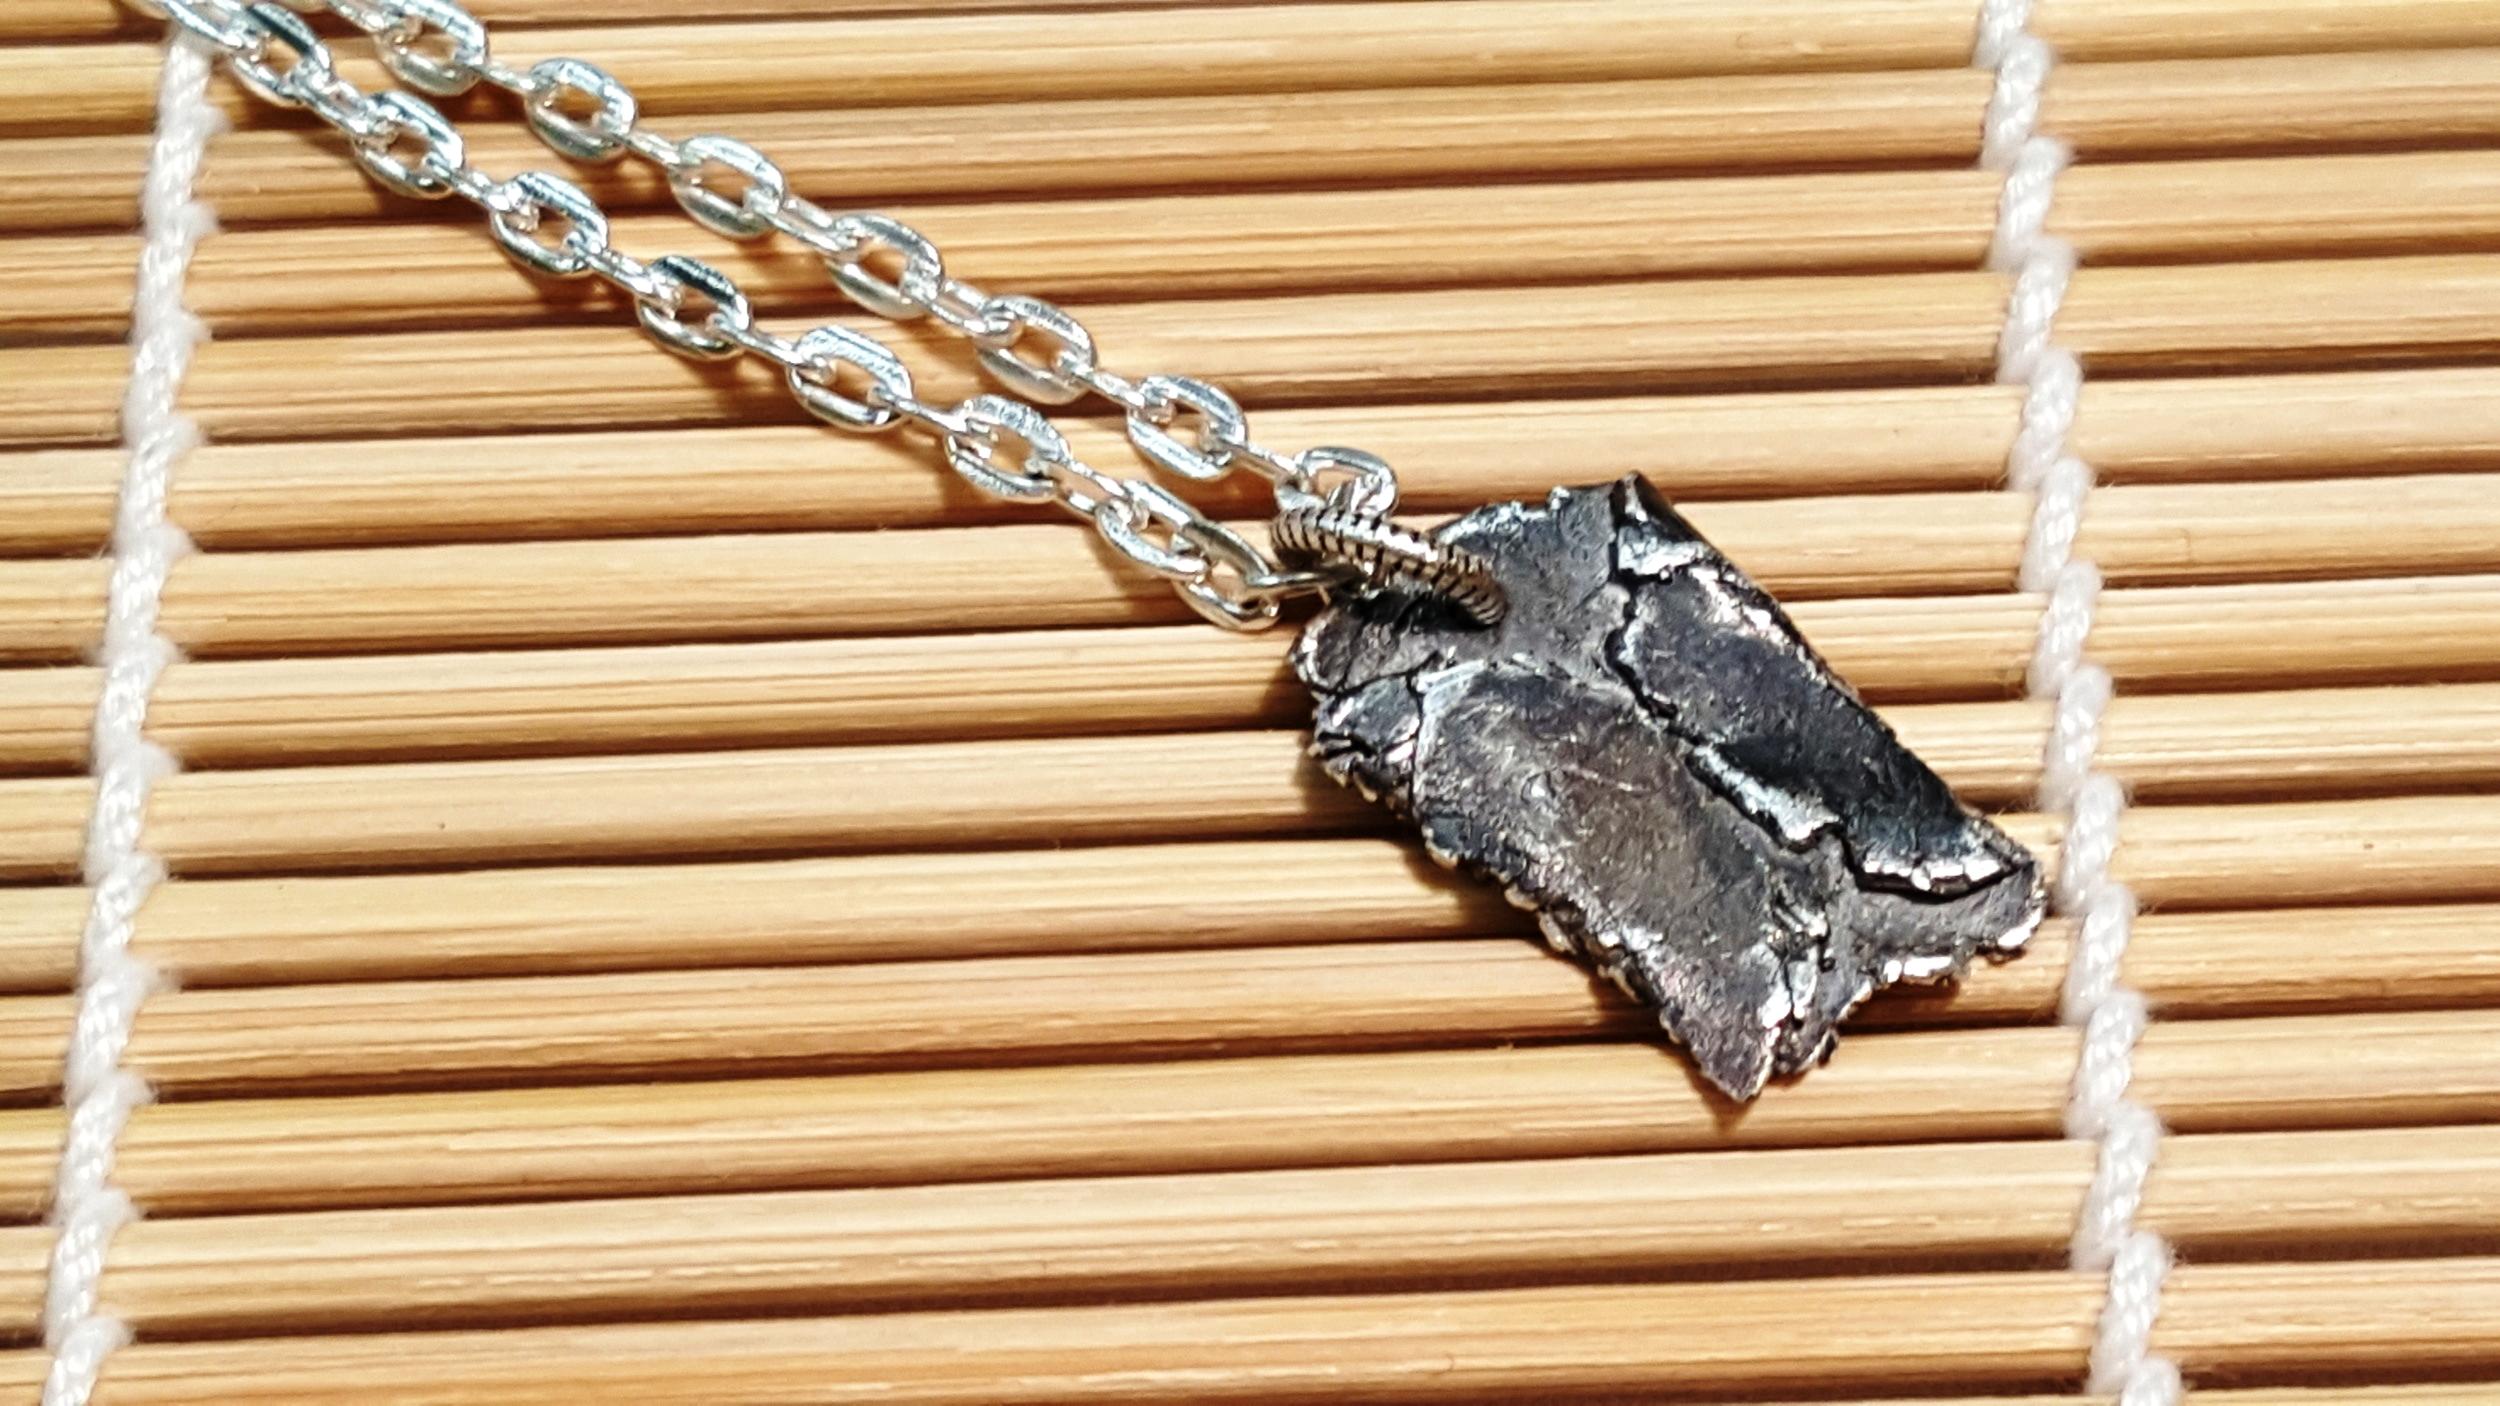 Surprise! Its a Necklace